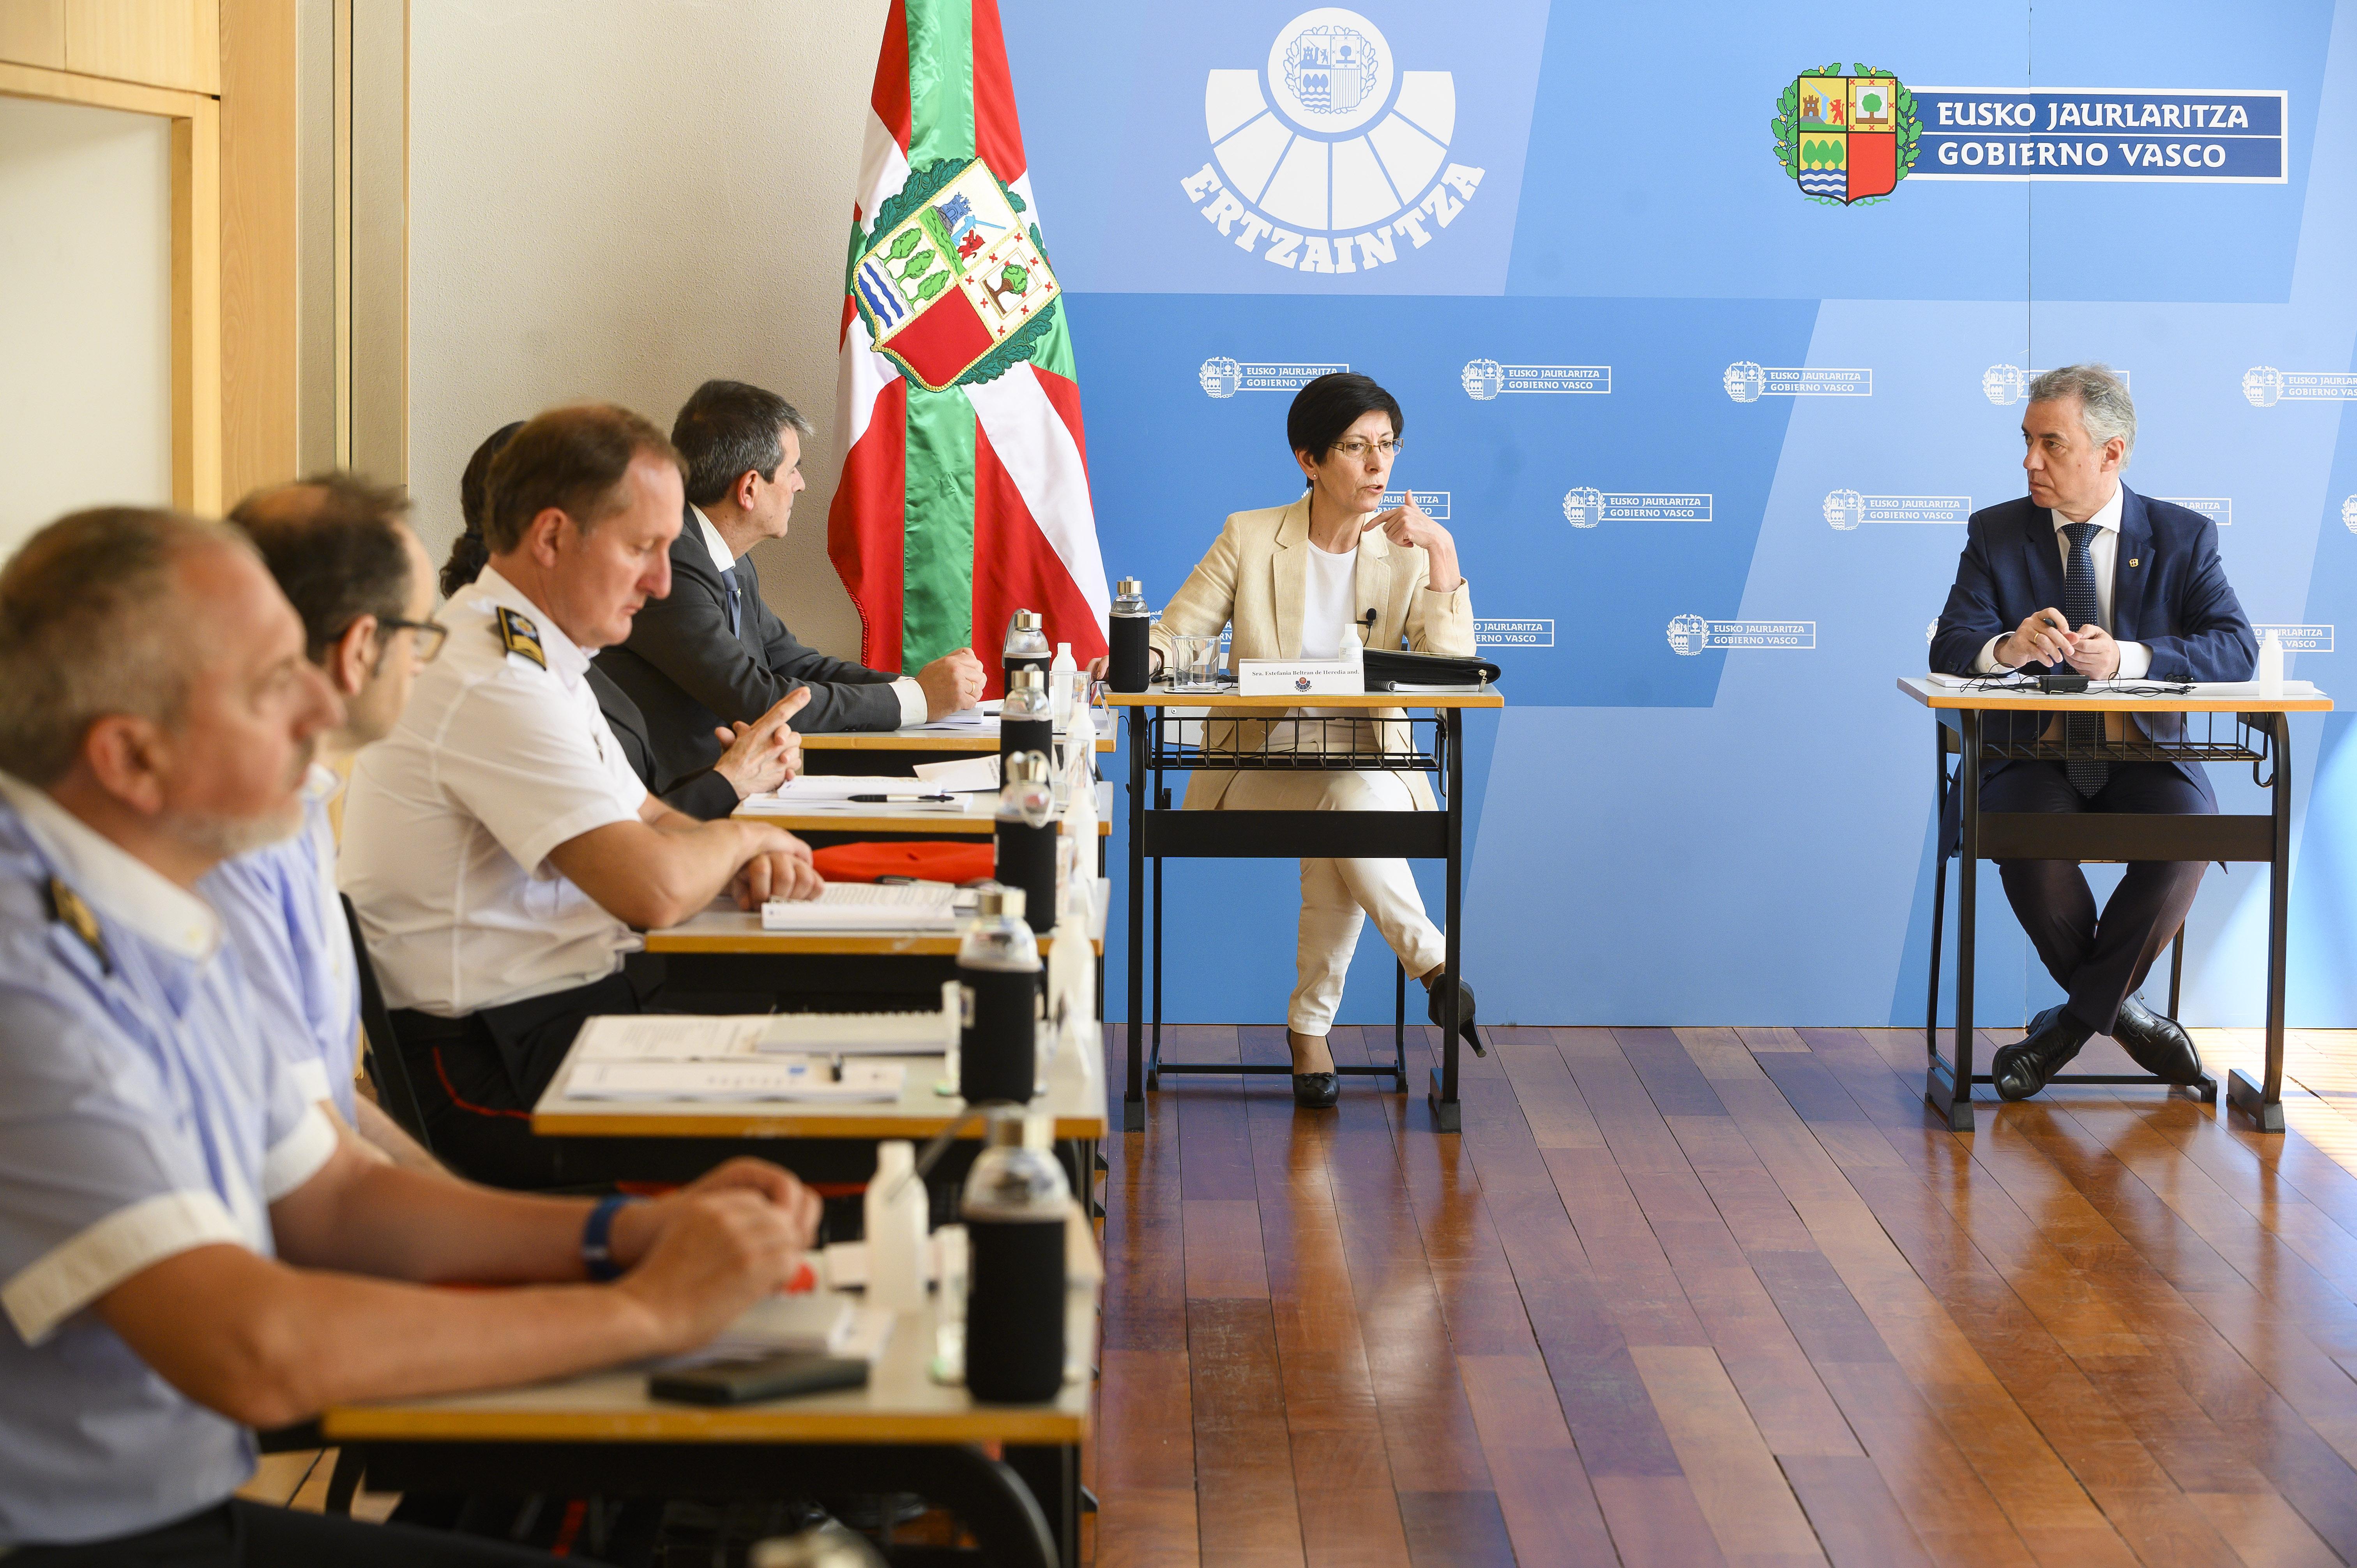 El Lehendakari se reúne en Berrozi con el equipo encargado de recopilar y fijar criterios homogéneos de aplicación de la normativa del estado de alarma sanitaria